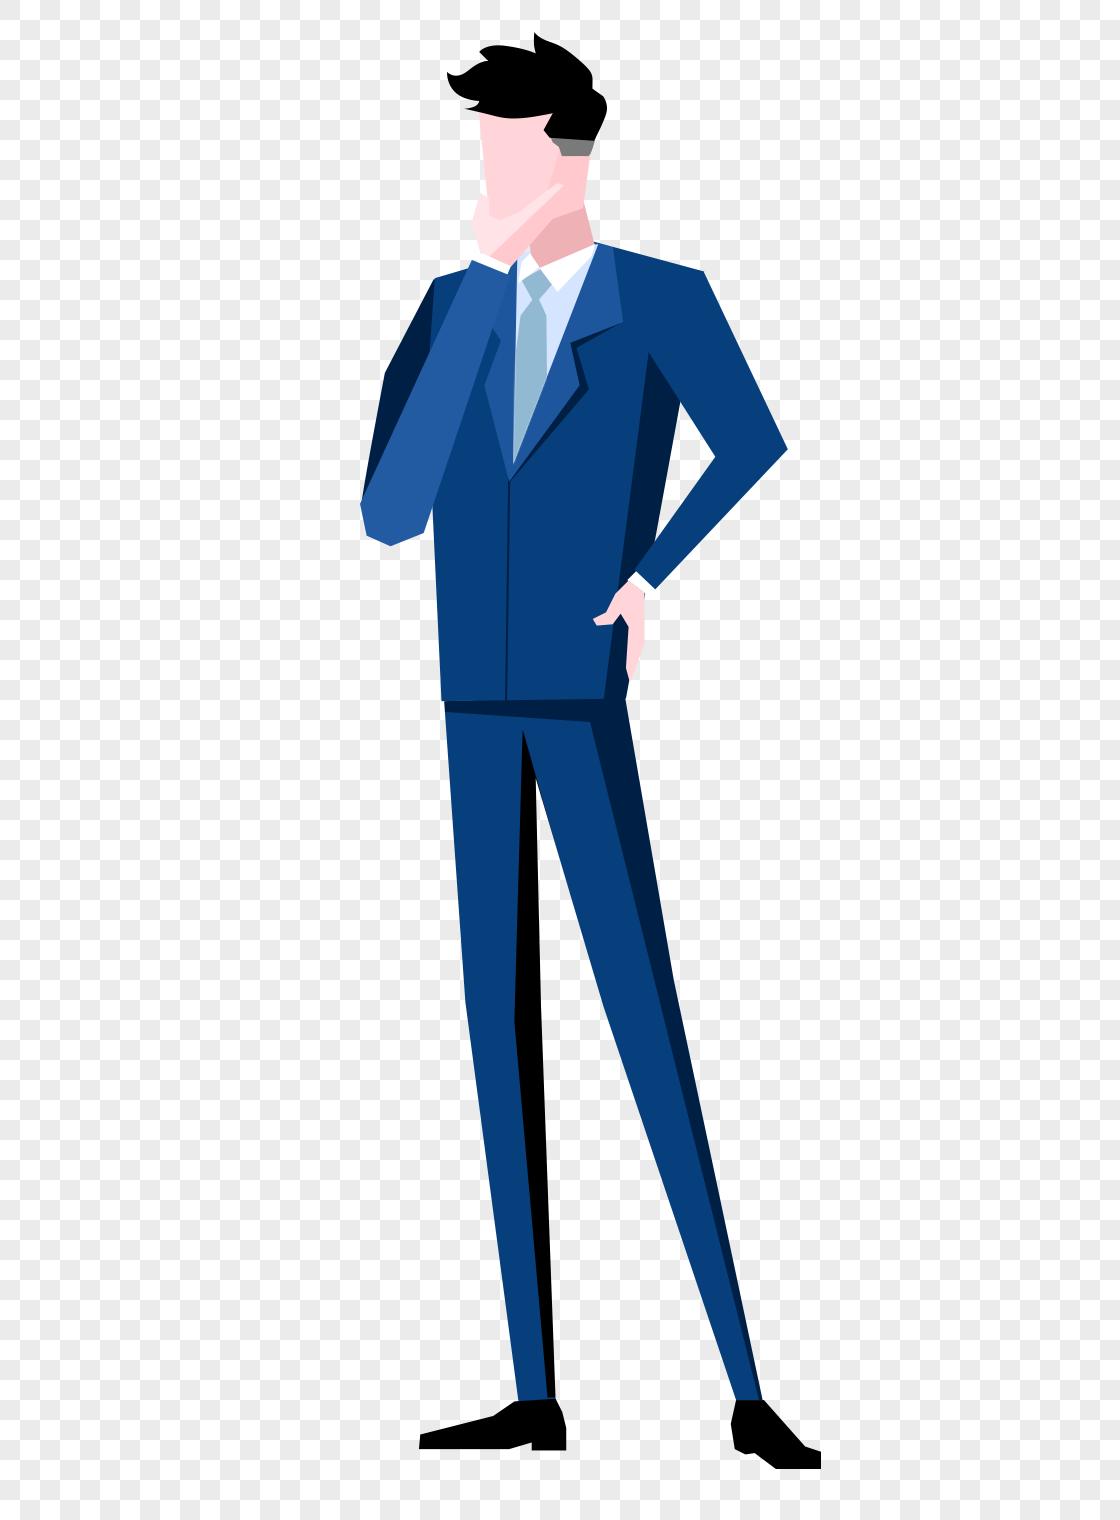 图片 素材 手绘/卡通元素 商务男人.